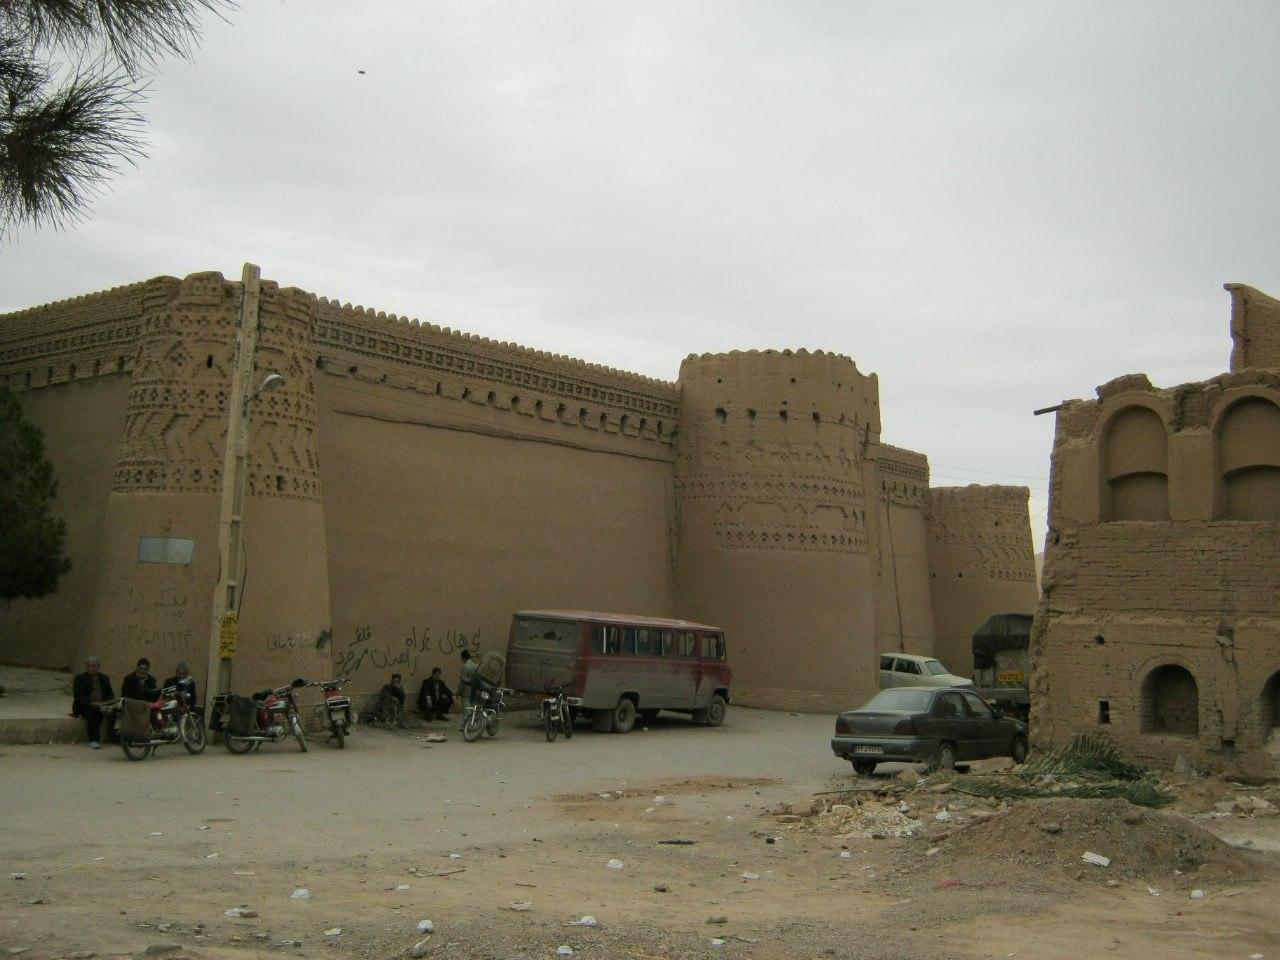 мини-замок-крепость богачей в Иране